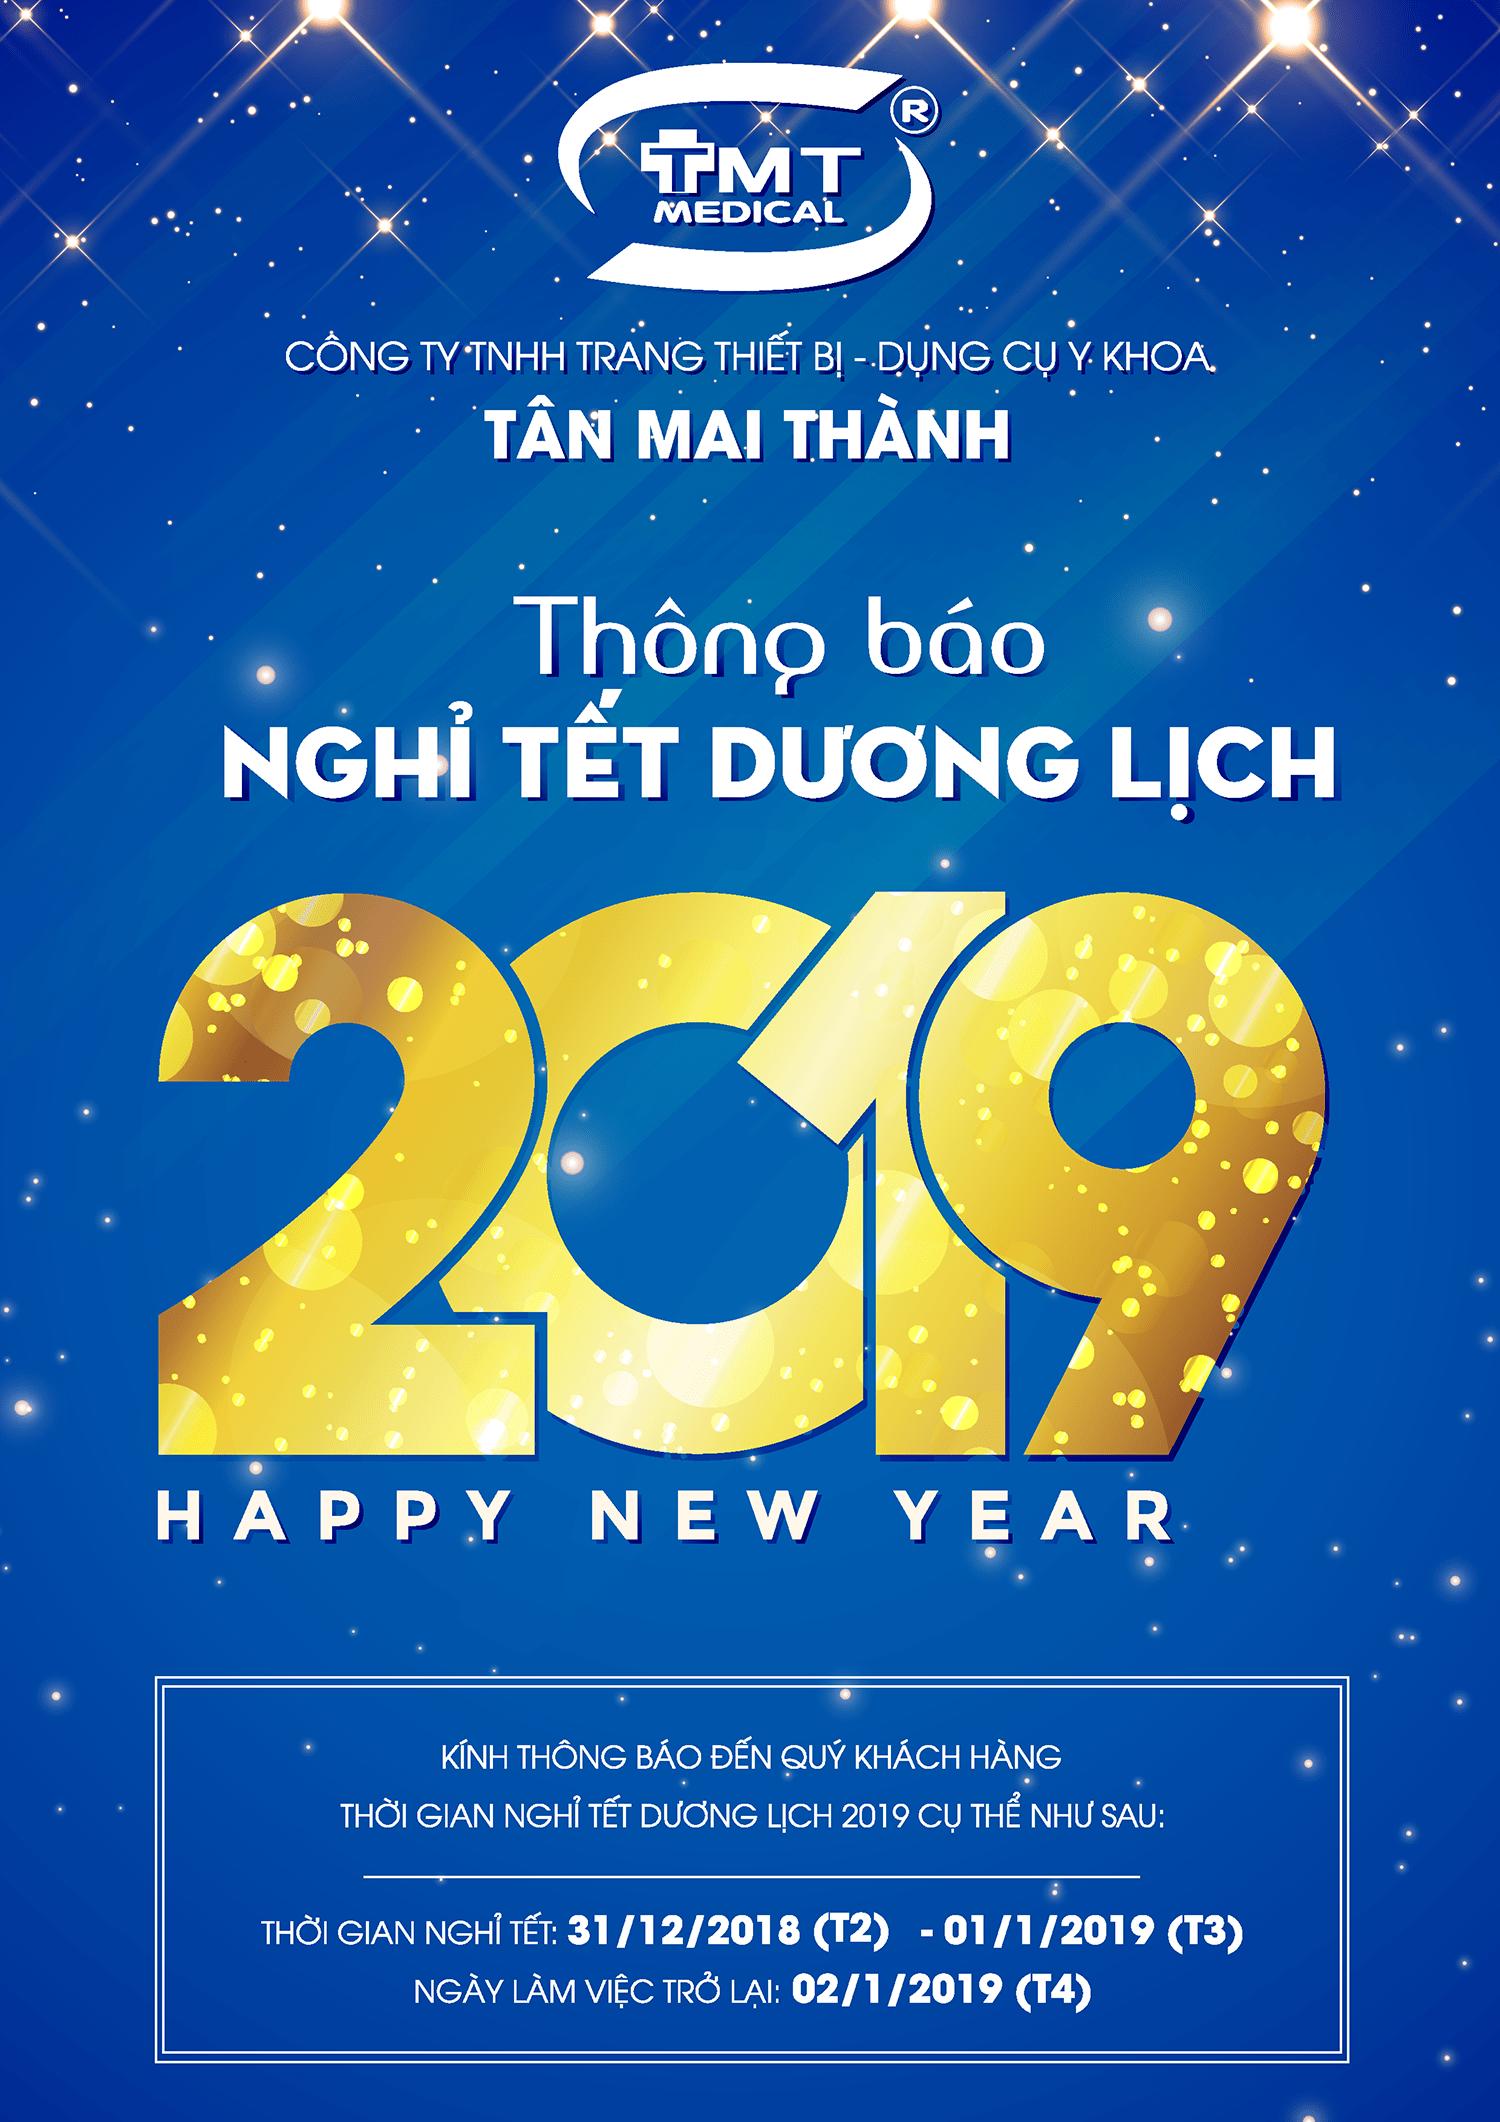 Lịch nghỉ Tết Dương lịch 2019 công ty Tân Mai Thành